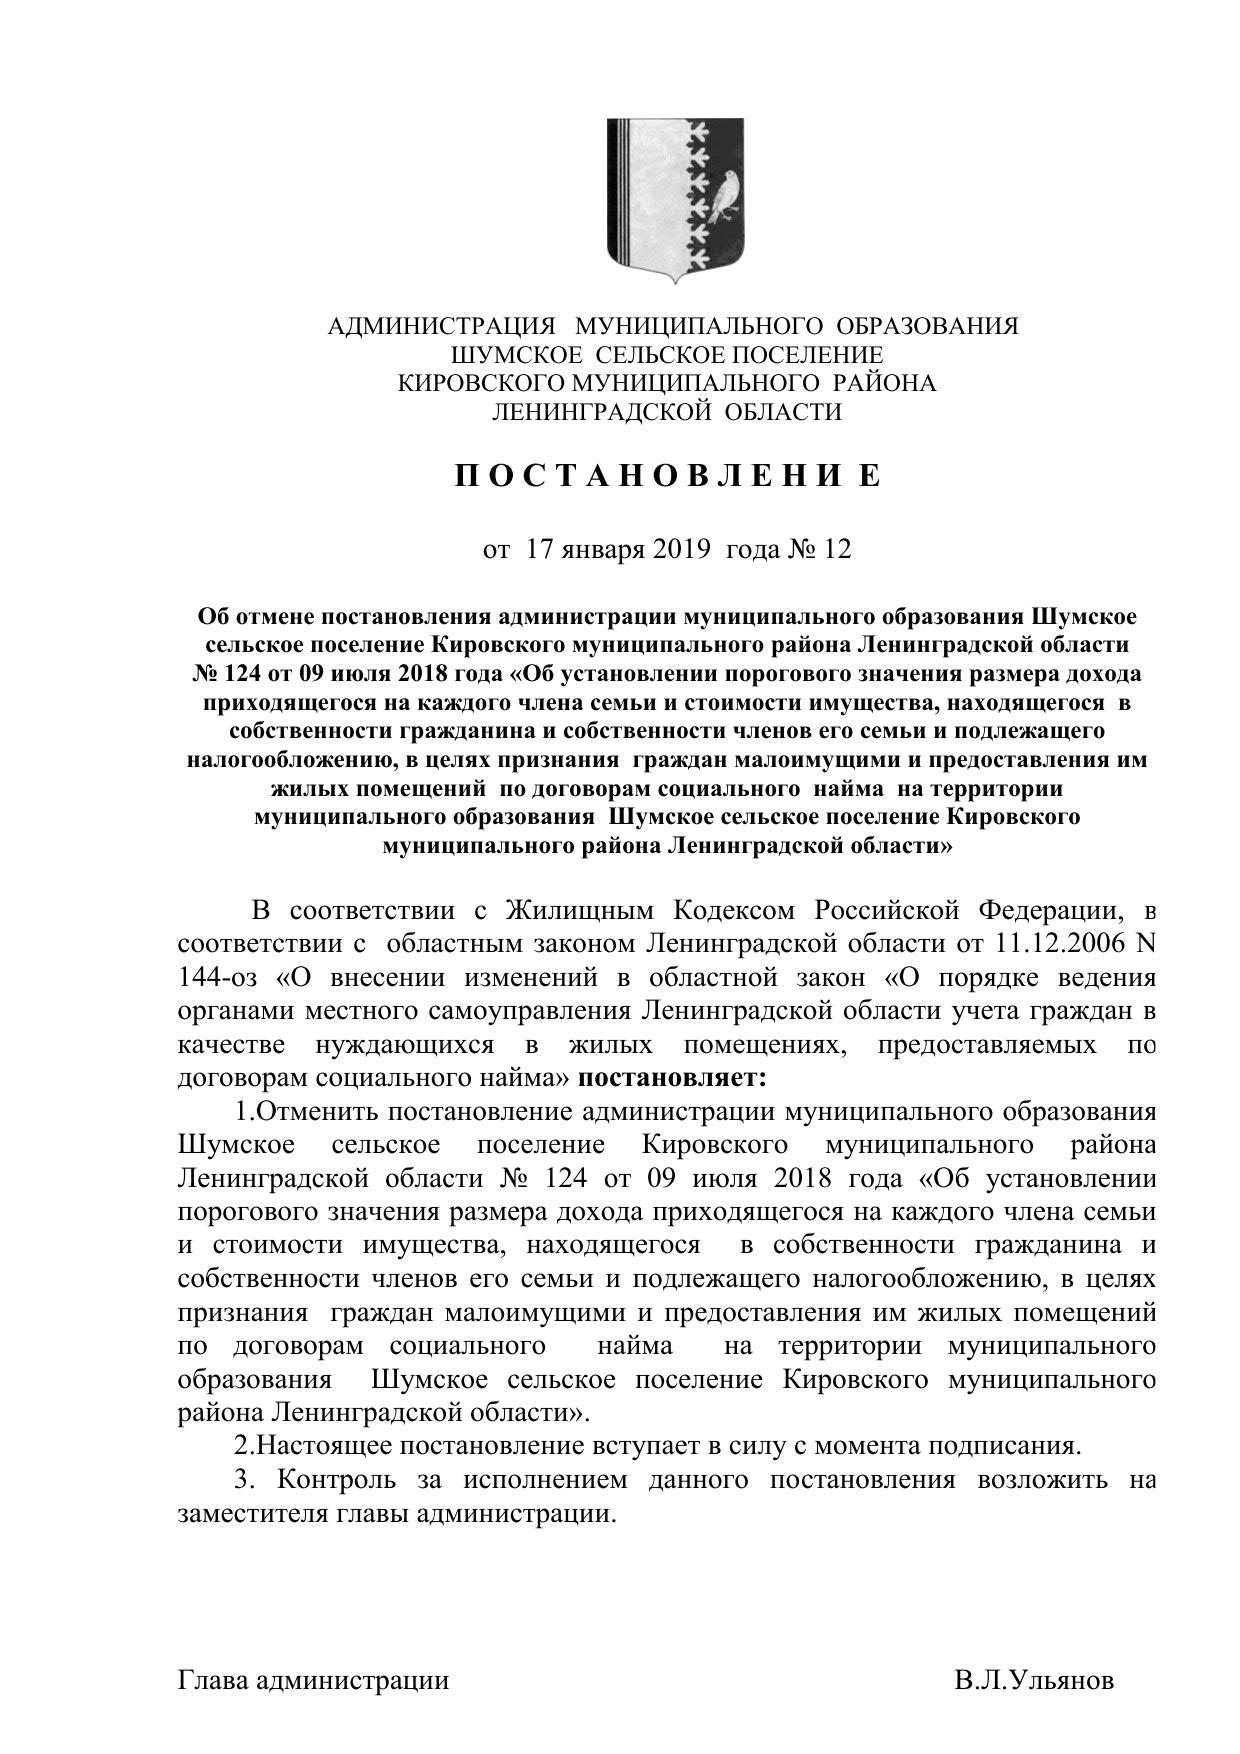 12 от 17.01.2019 Об отмене постановления 120 от 09.07.2018_1